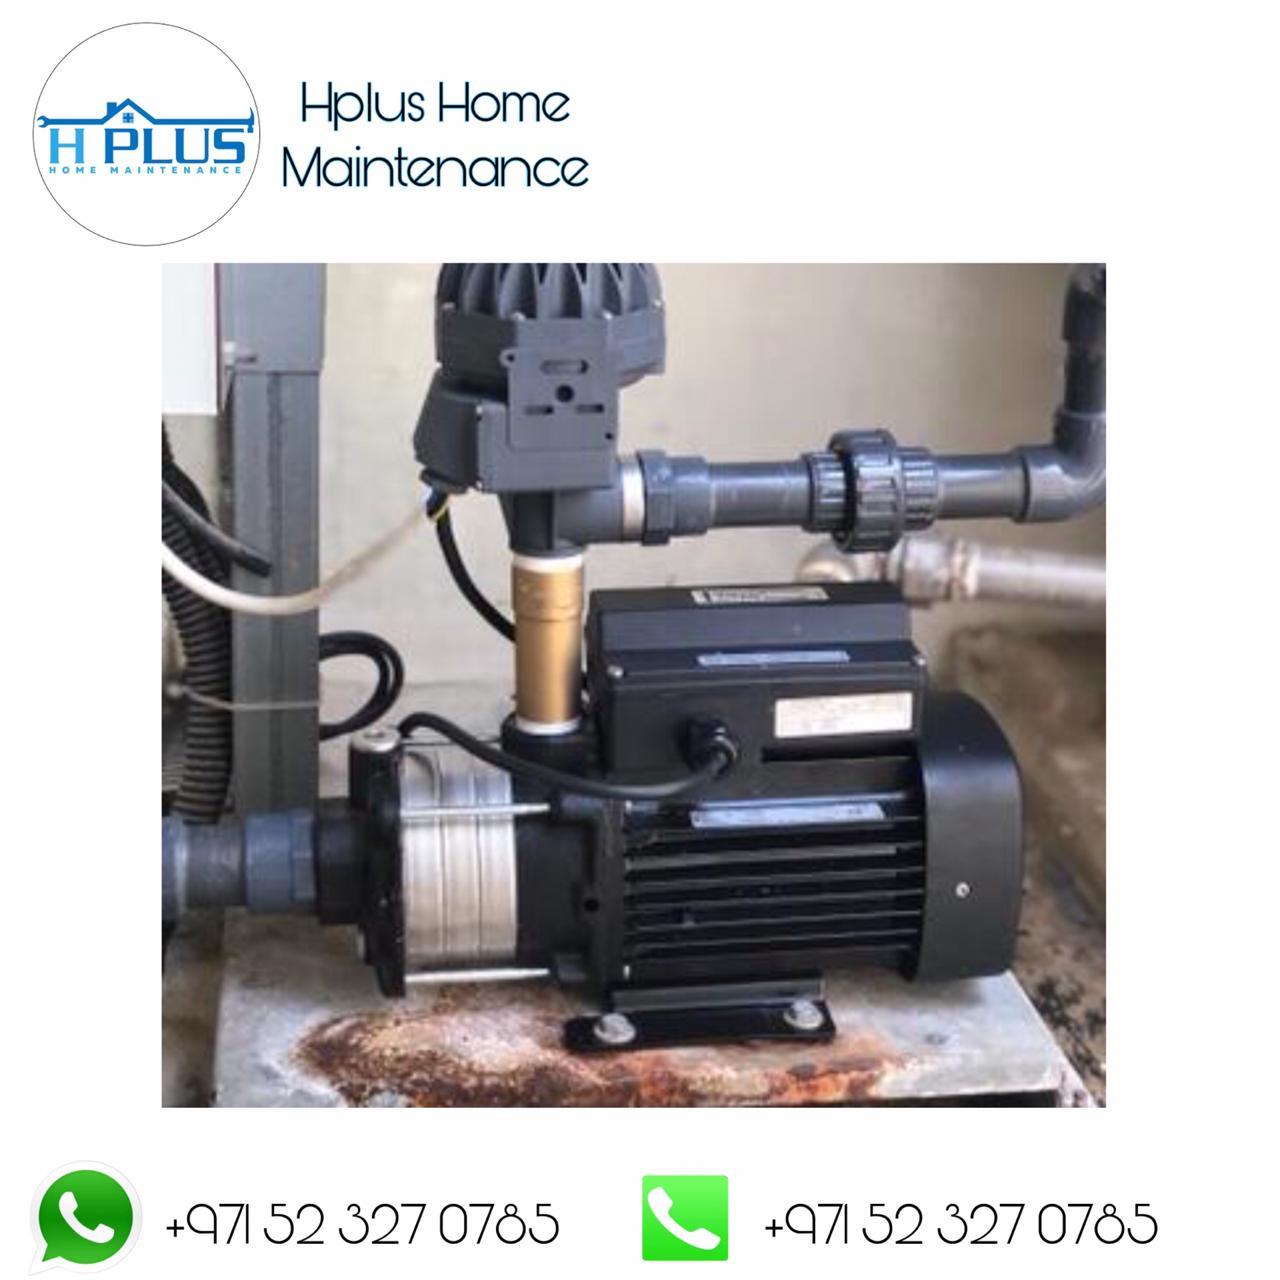 WhatsApp Image 2020-11-24 at 7.49.36 PM (1).jpeg